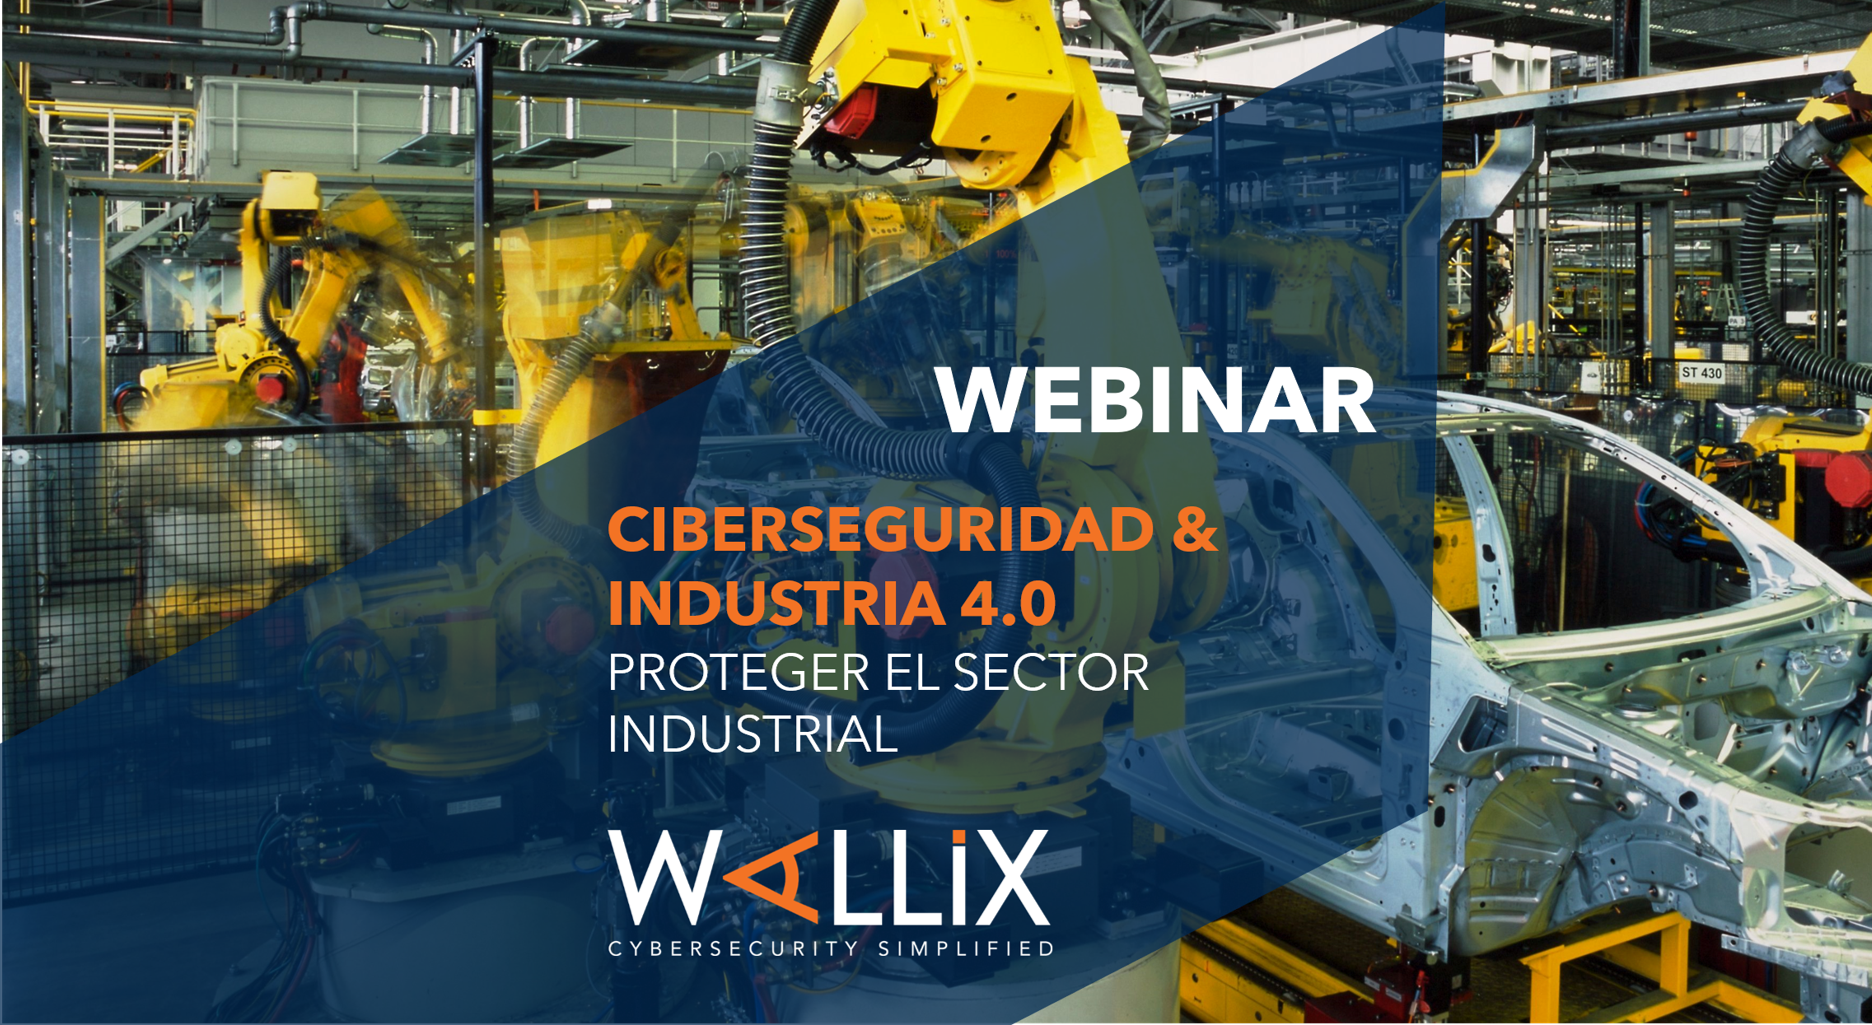 Ciberseguridad & Industria 4.0 : Proteger el sector industrial